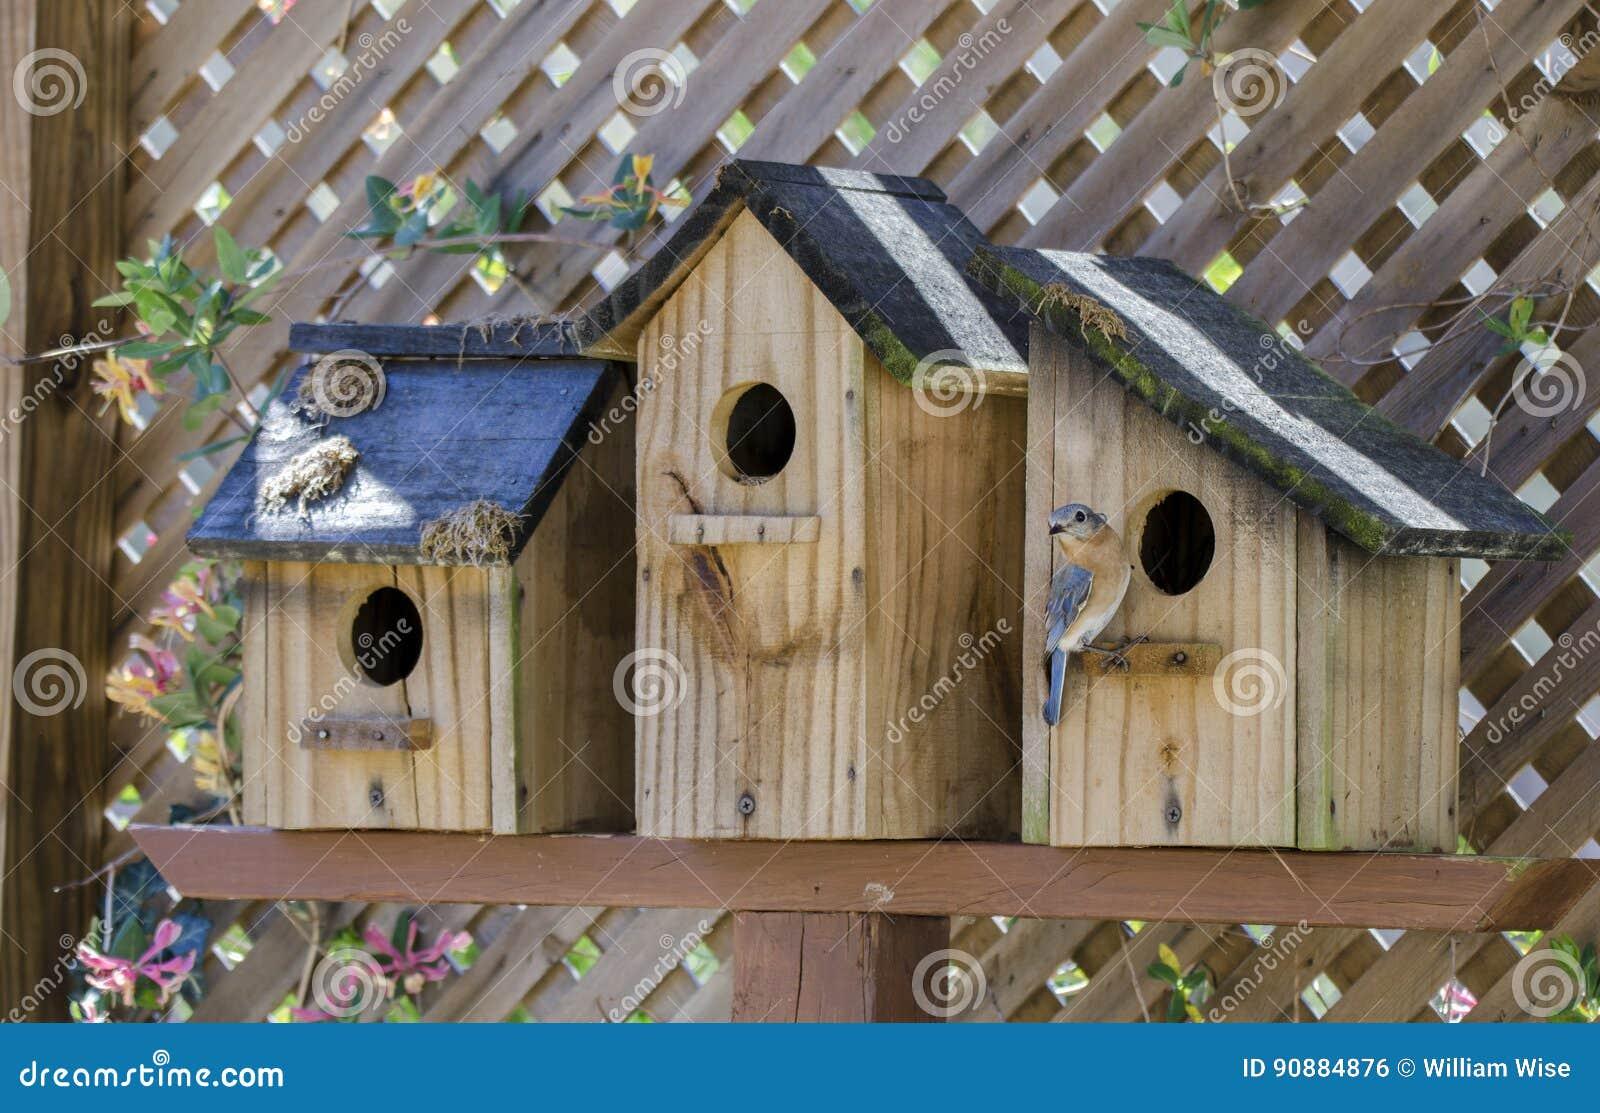 Eastern Bluebird Bird Nest Box Garden Arbor Birdhouses Stock Photo ...